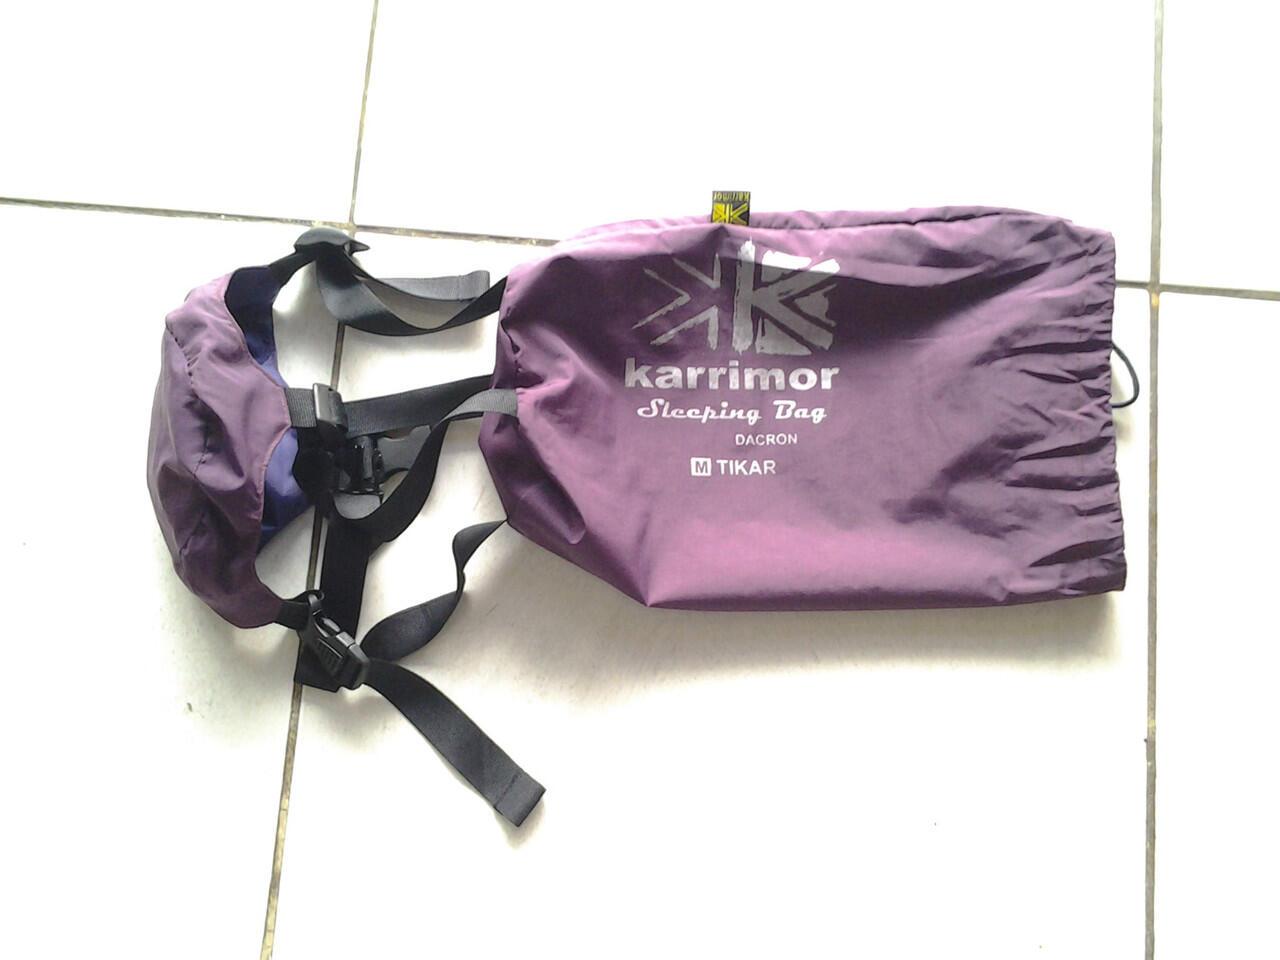 Toko DOGLOS: Sleeping bag, kantong tidur